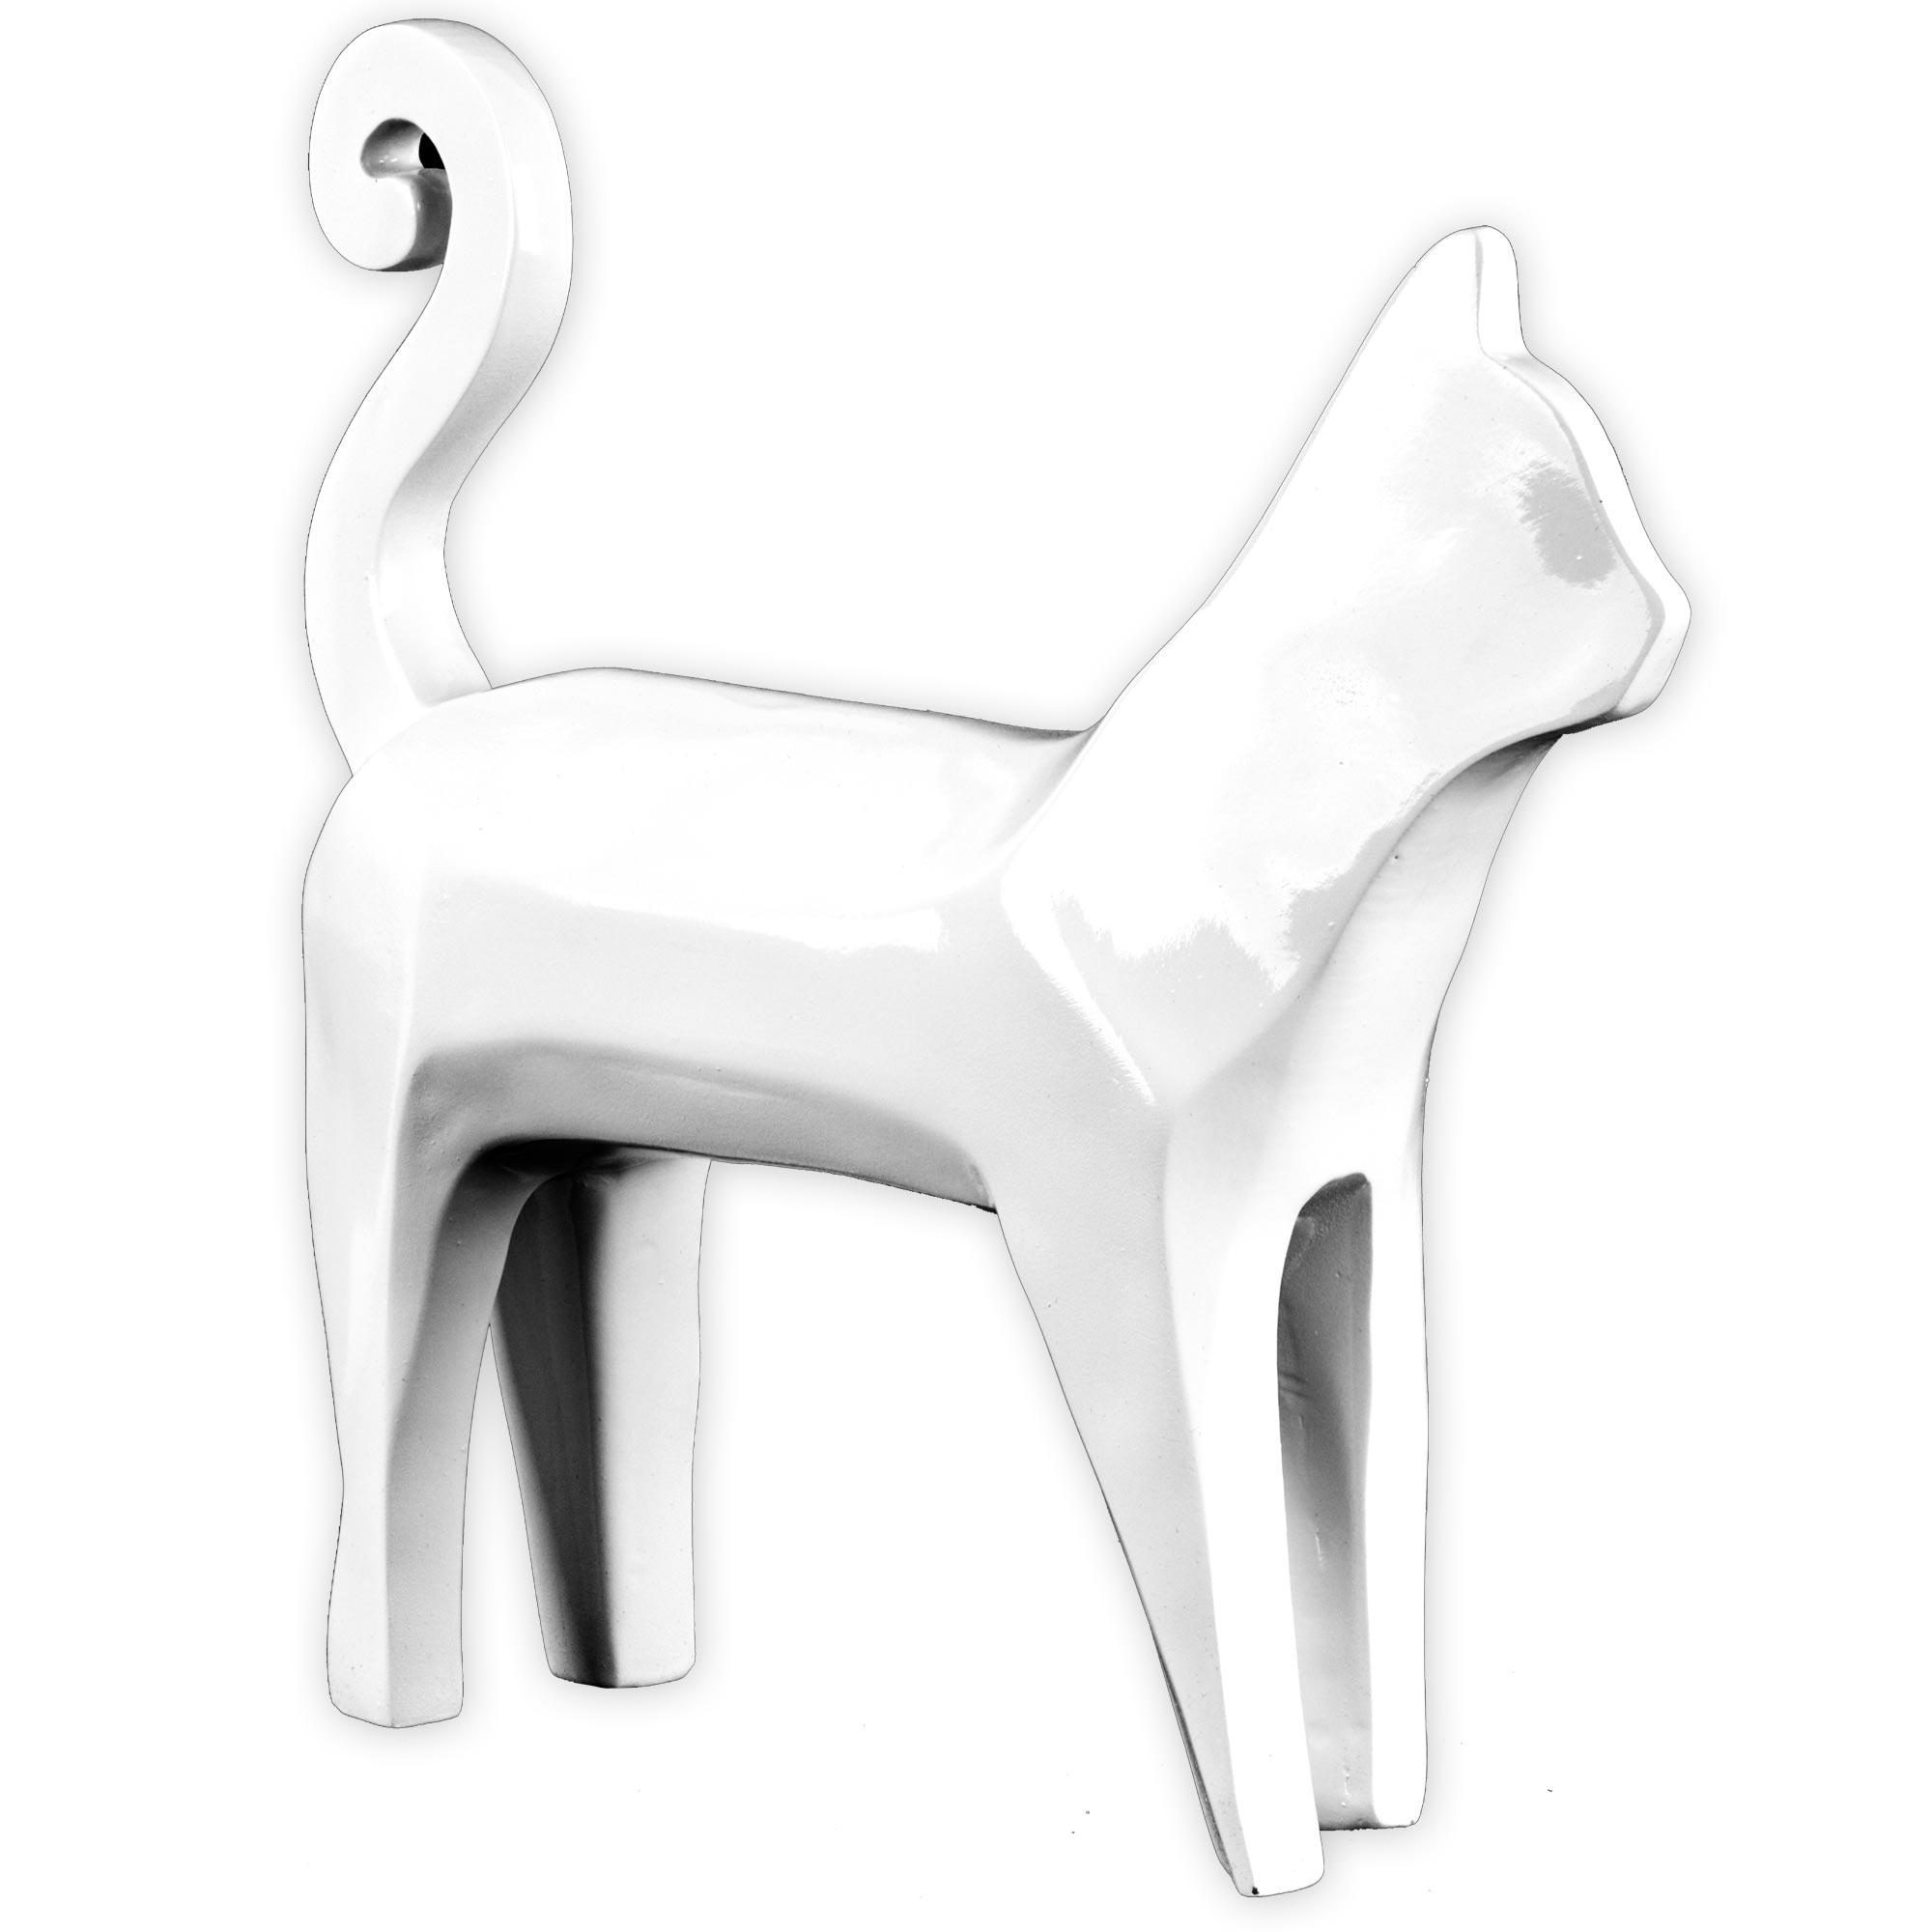 Crystal Art Abstract Cat White Resin Sculpture PartNumber: A023050987 KsnValue: 021V003085433000 MfgPartNumber: 76522WEB